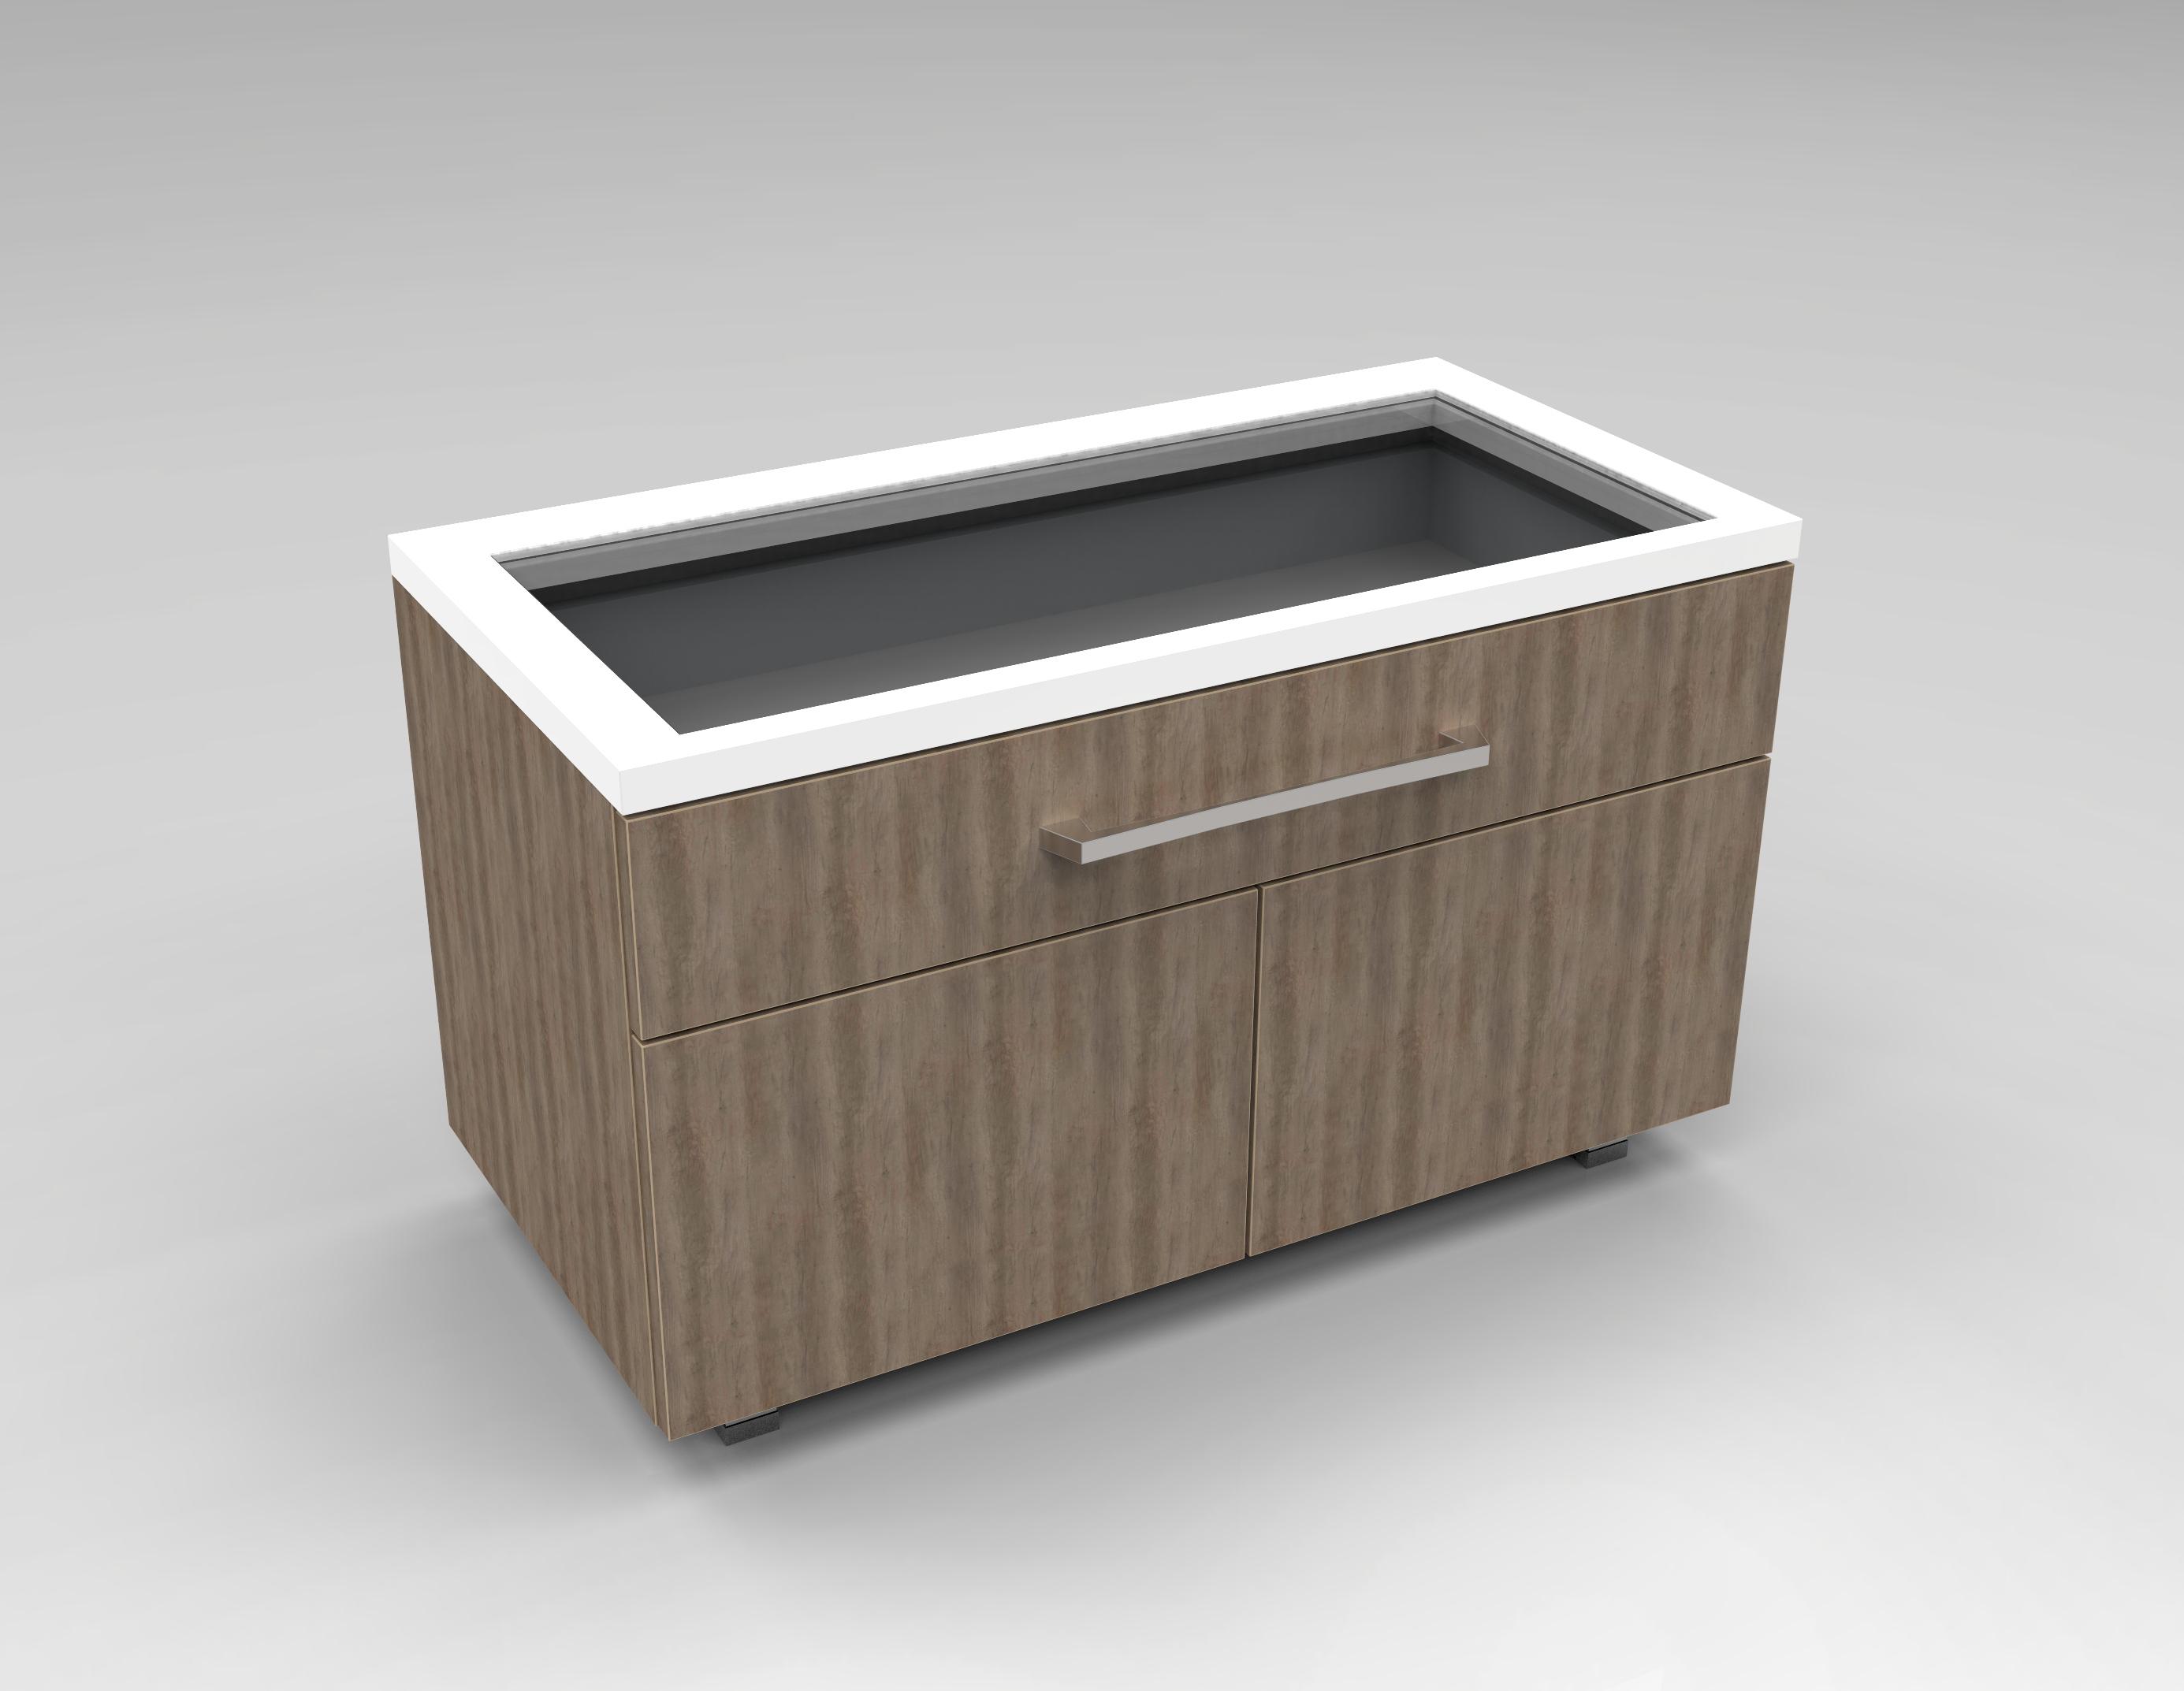 Mia Storage Unit with Glass Top